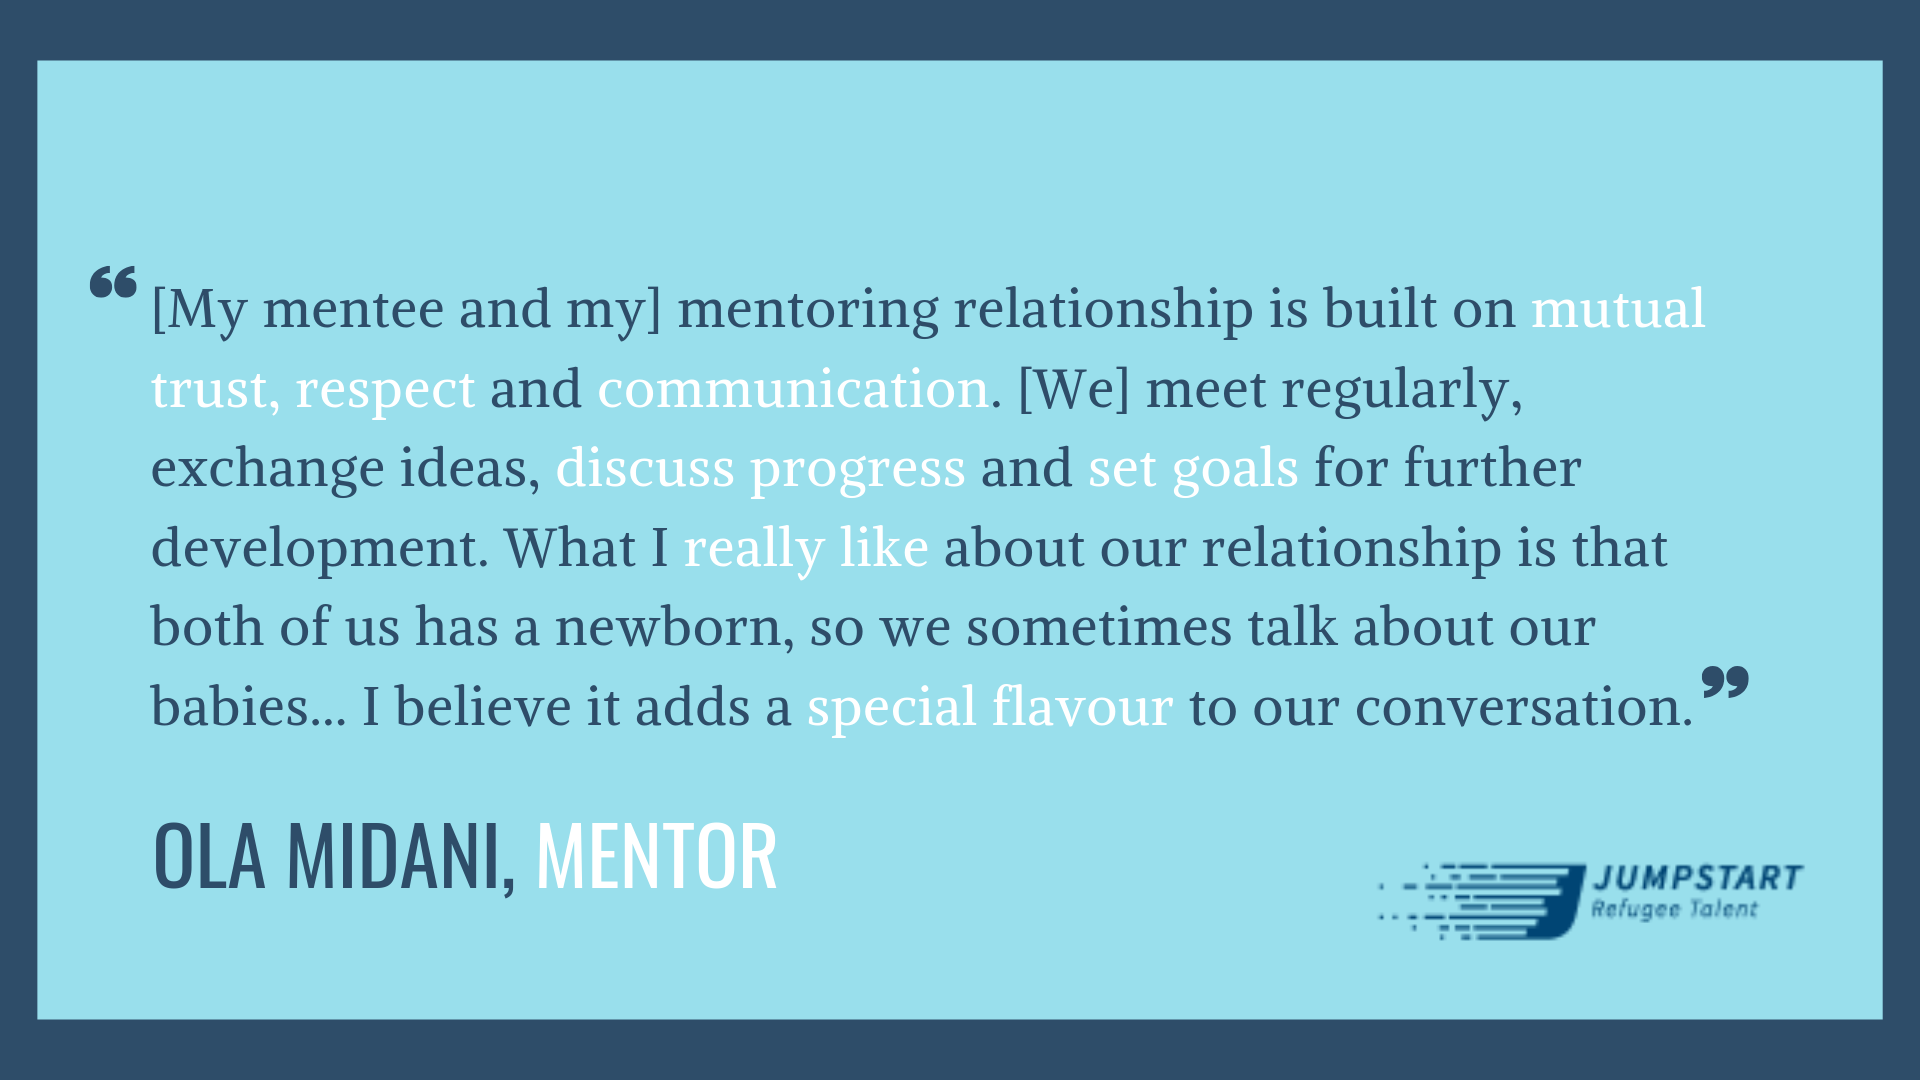 july 4 - mentor linkedin.png